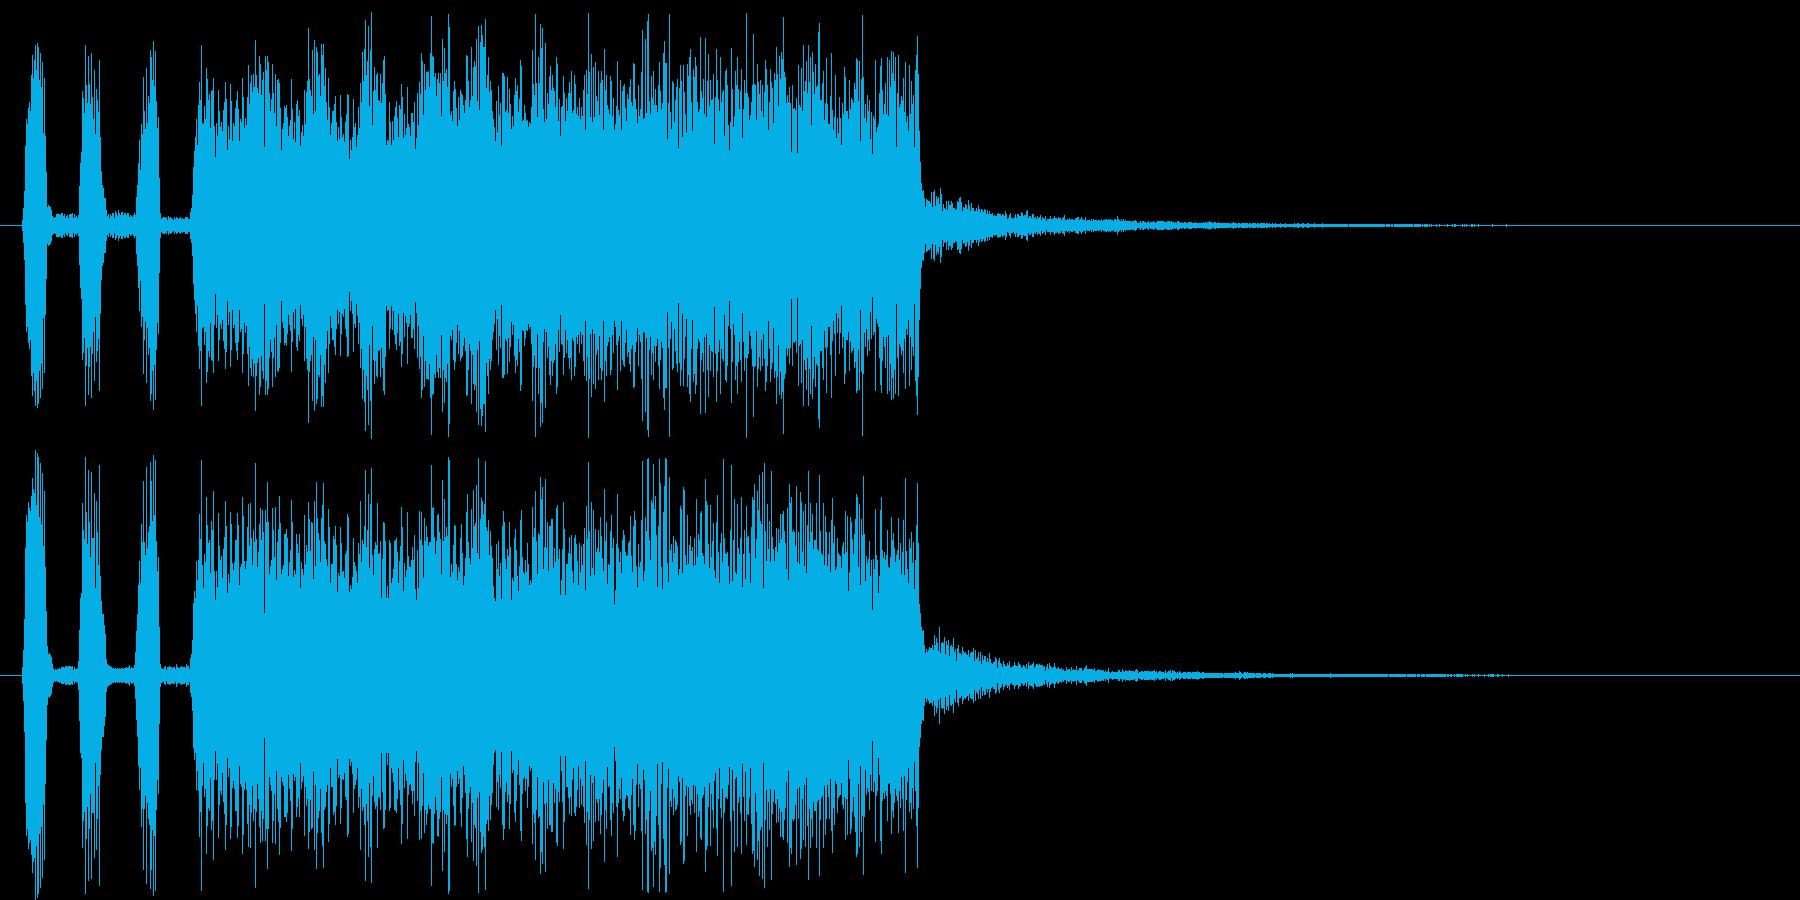 アニメなどに便利な様子を表す曲の再生済みの波形